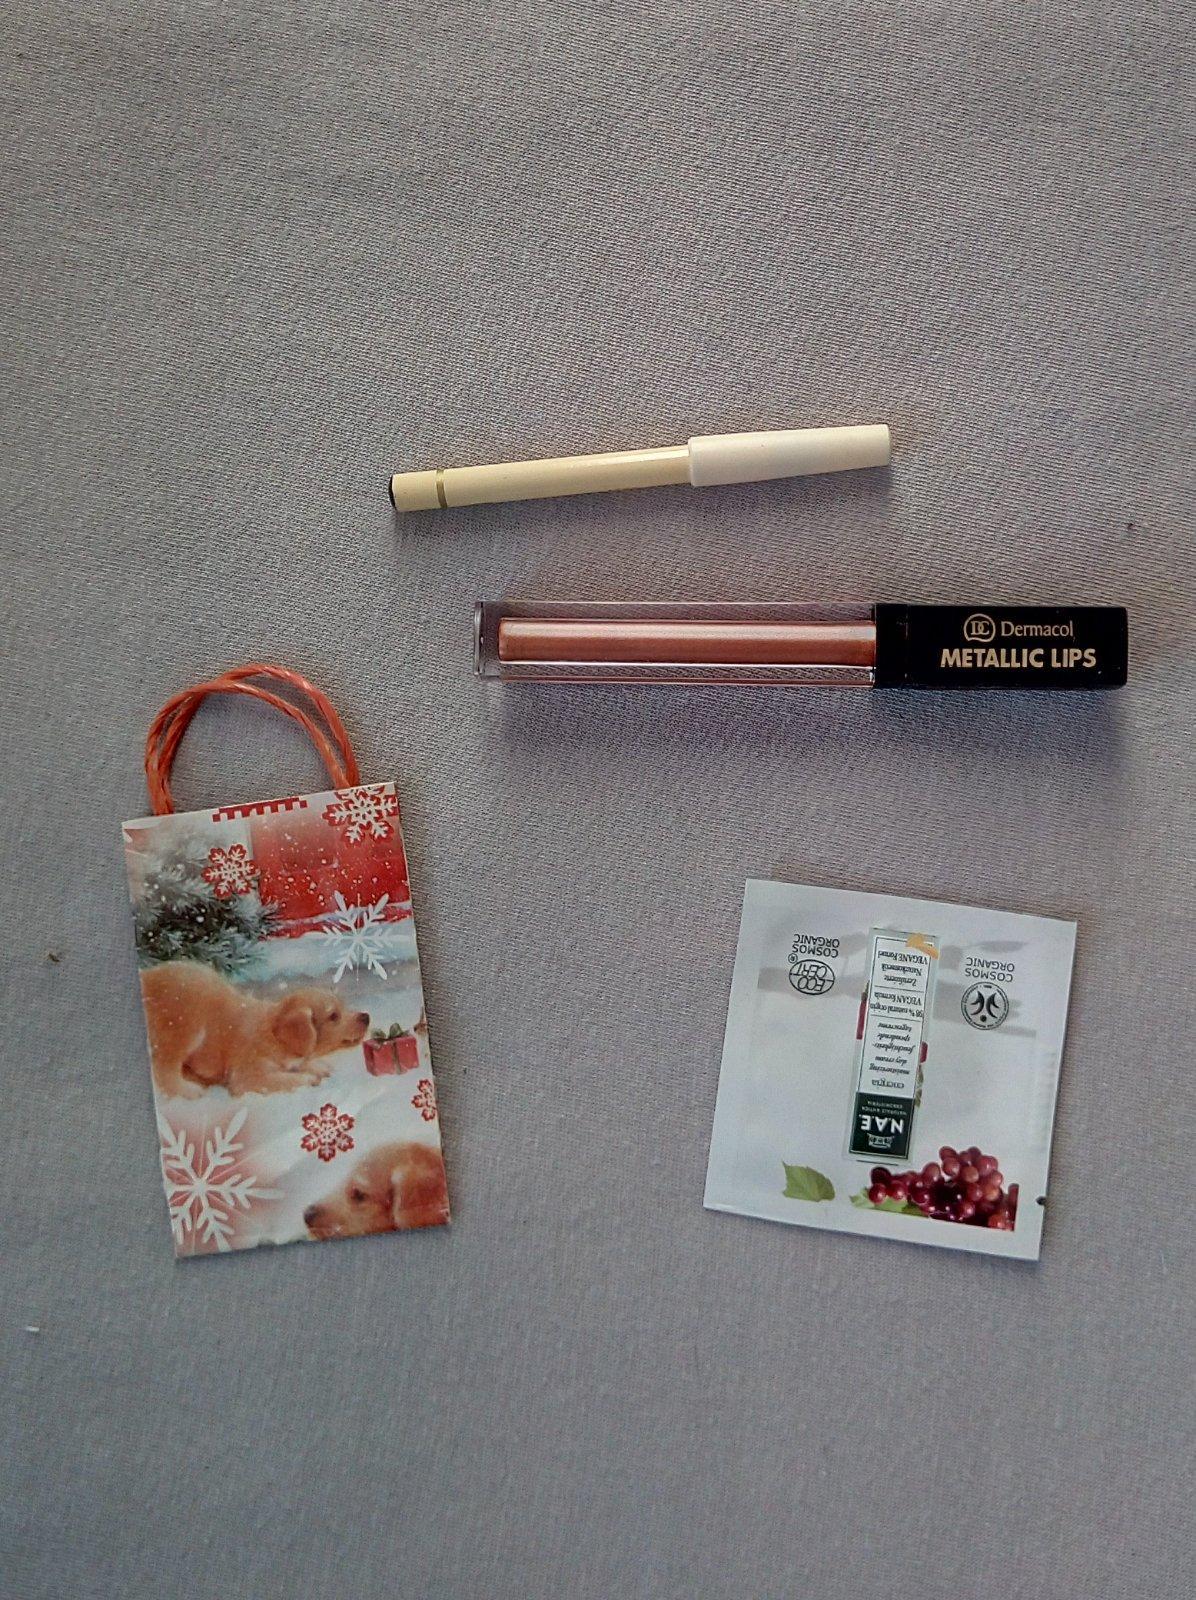 Metalický rúž Demacol, čierna ceruzka, vzorka krému, taštička, šampón - Obrázok č. 1